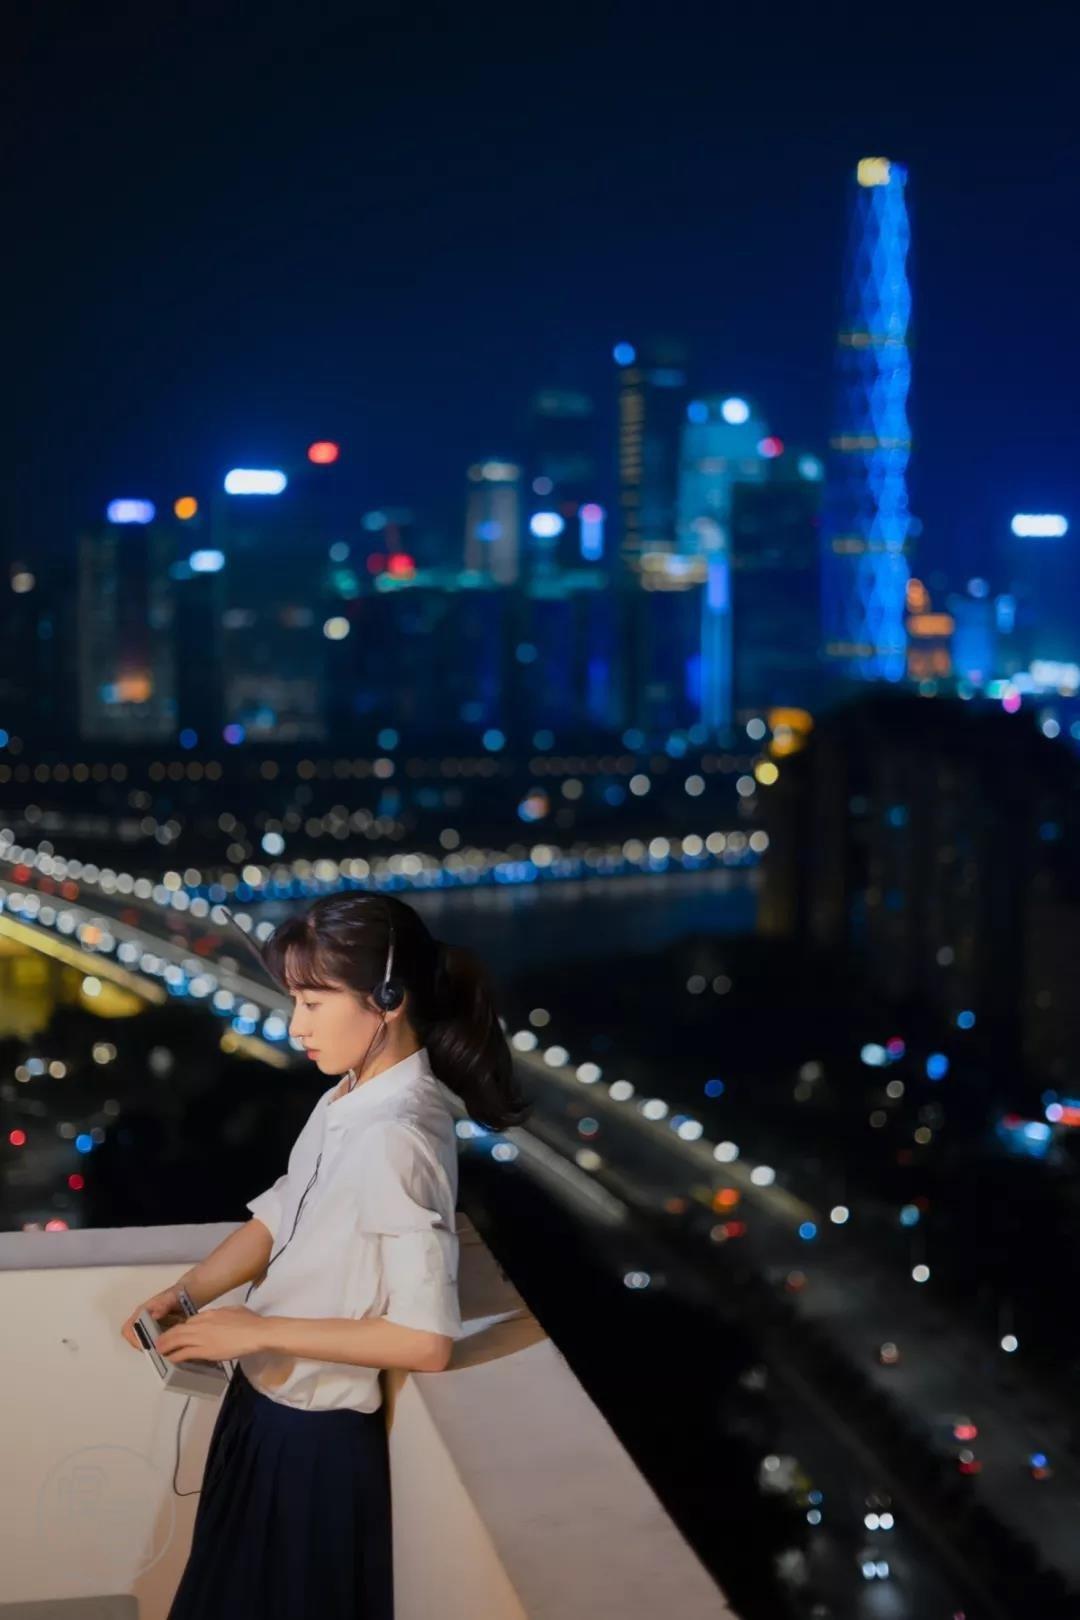 摄影师如何拍摄夜景人像?